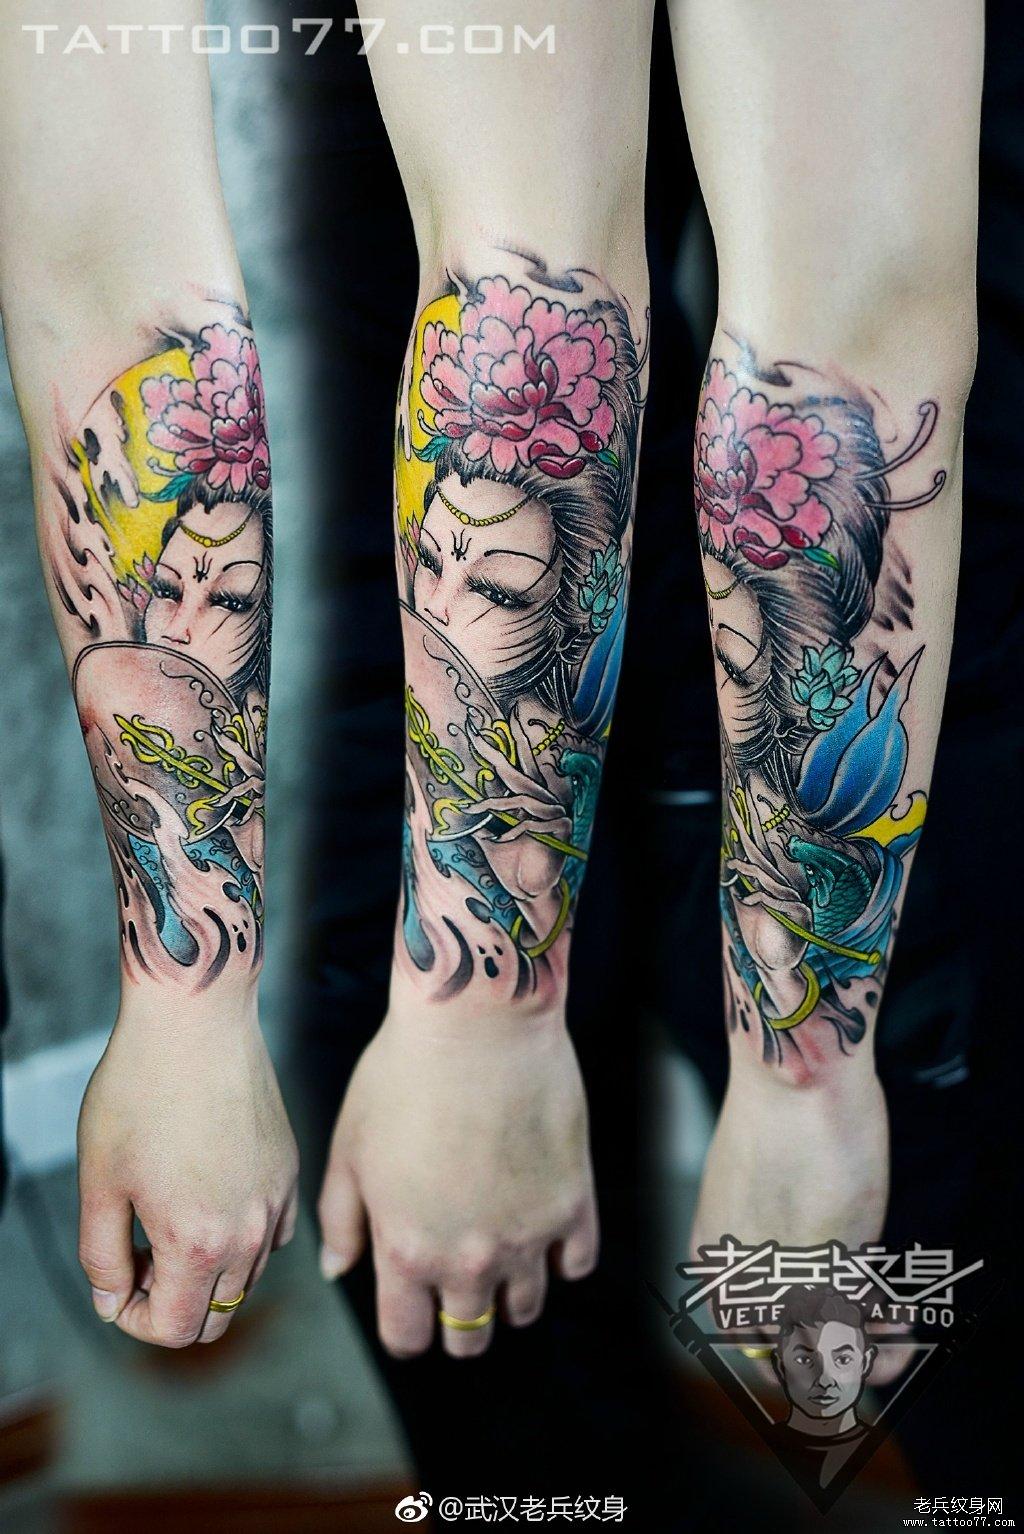 手臂彩色艺妓专业纹身店打造刺青作品